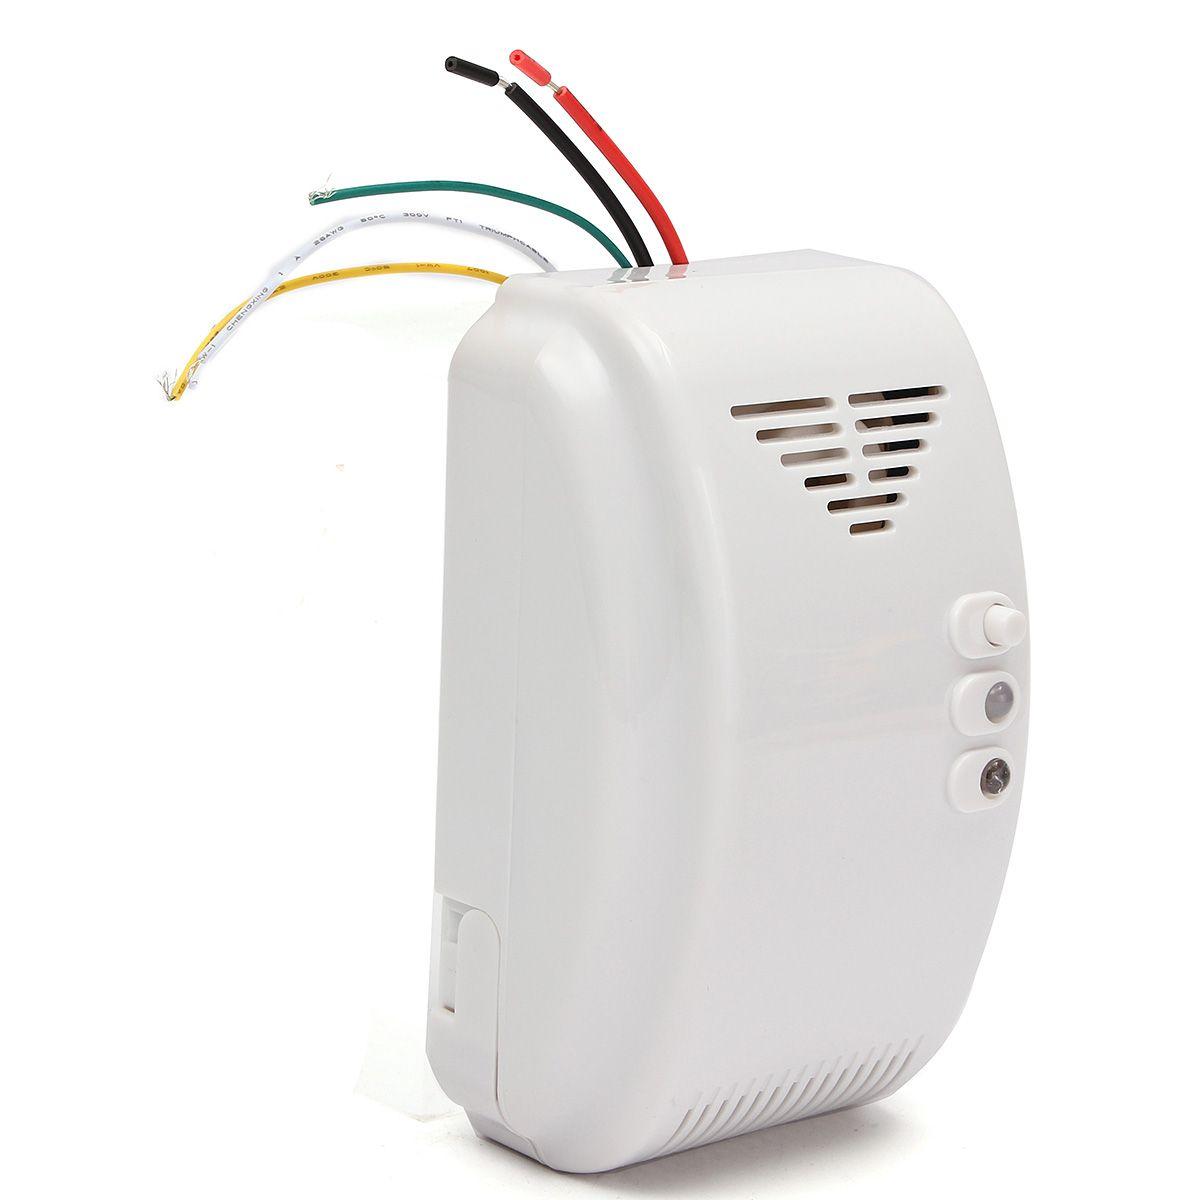 NUEVA 12 V Sensor Detector de Alarma De Gas Propano Butano LPG Naturales Autocaravana Para Sistema de Alarma de Seguridad